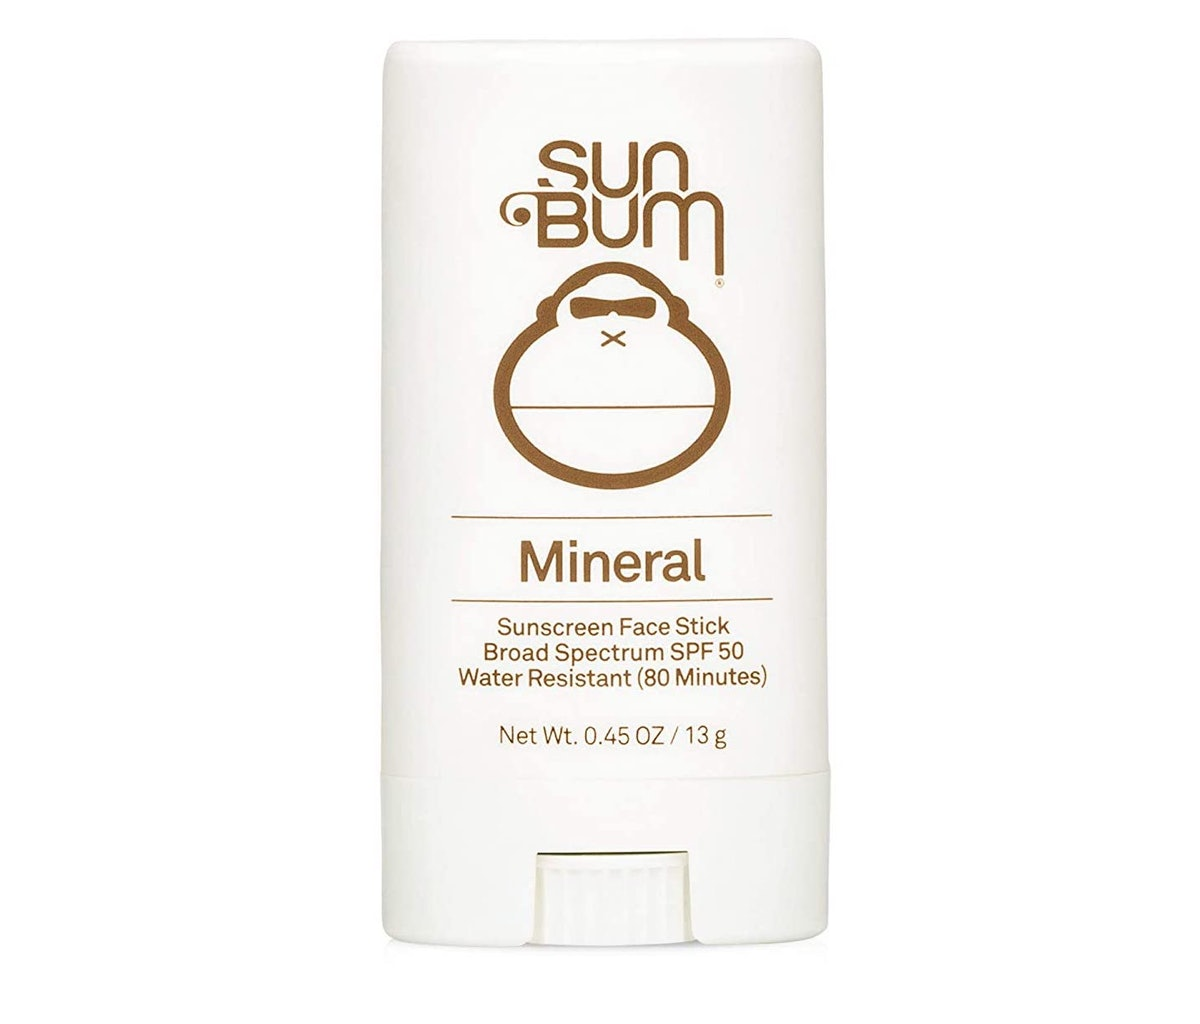 Sun Bum SPF 50 Mineral Sunscreen Stick